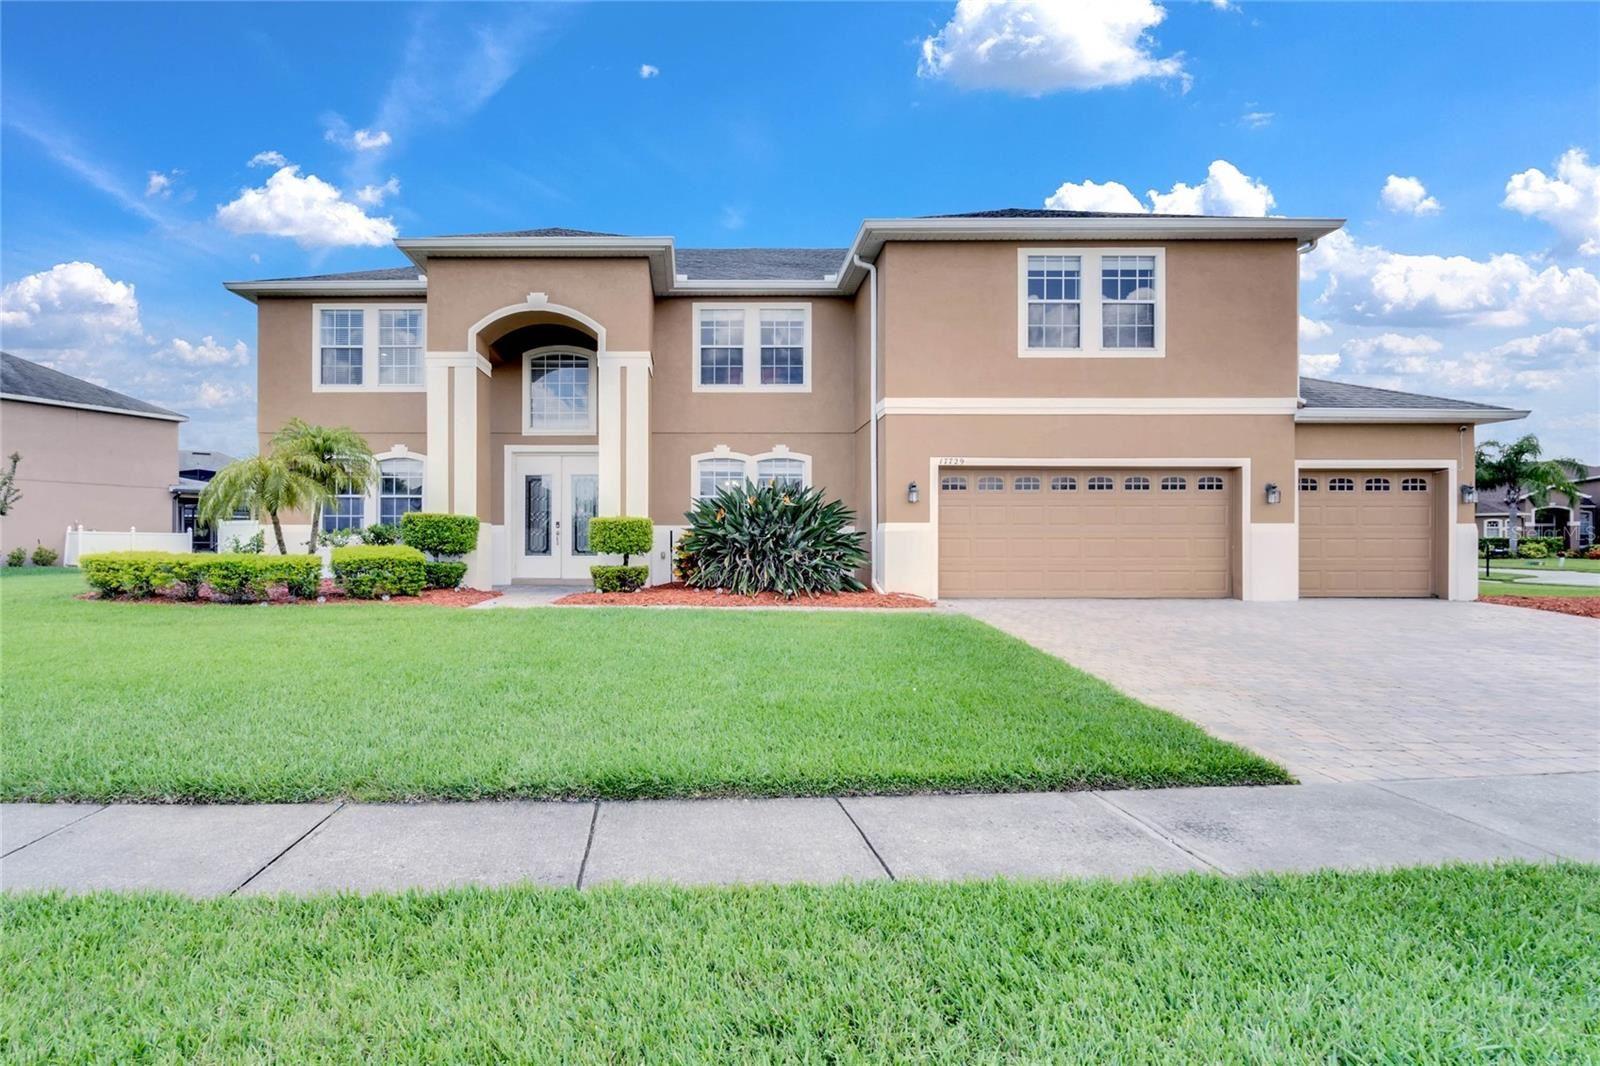 17729 ASHFORD GRANDE WAY, Orlando, FL 32820 - #: O5962535